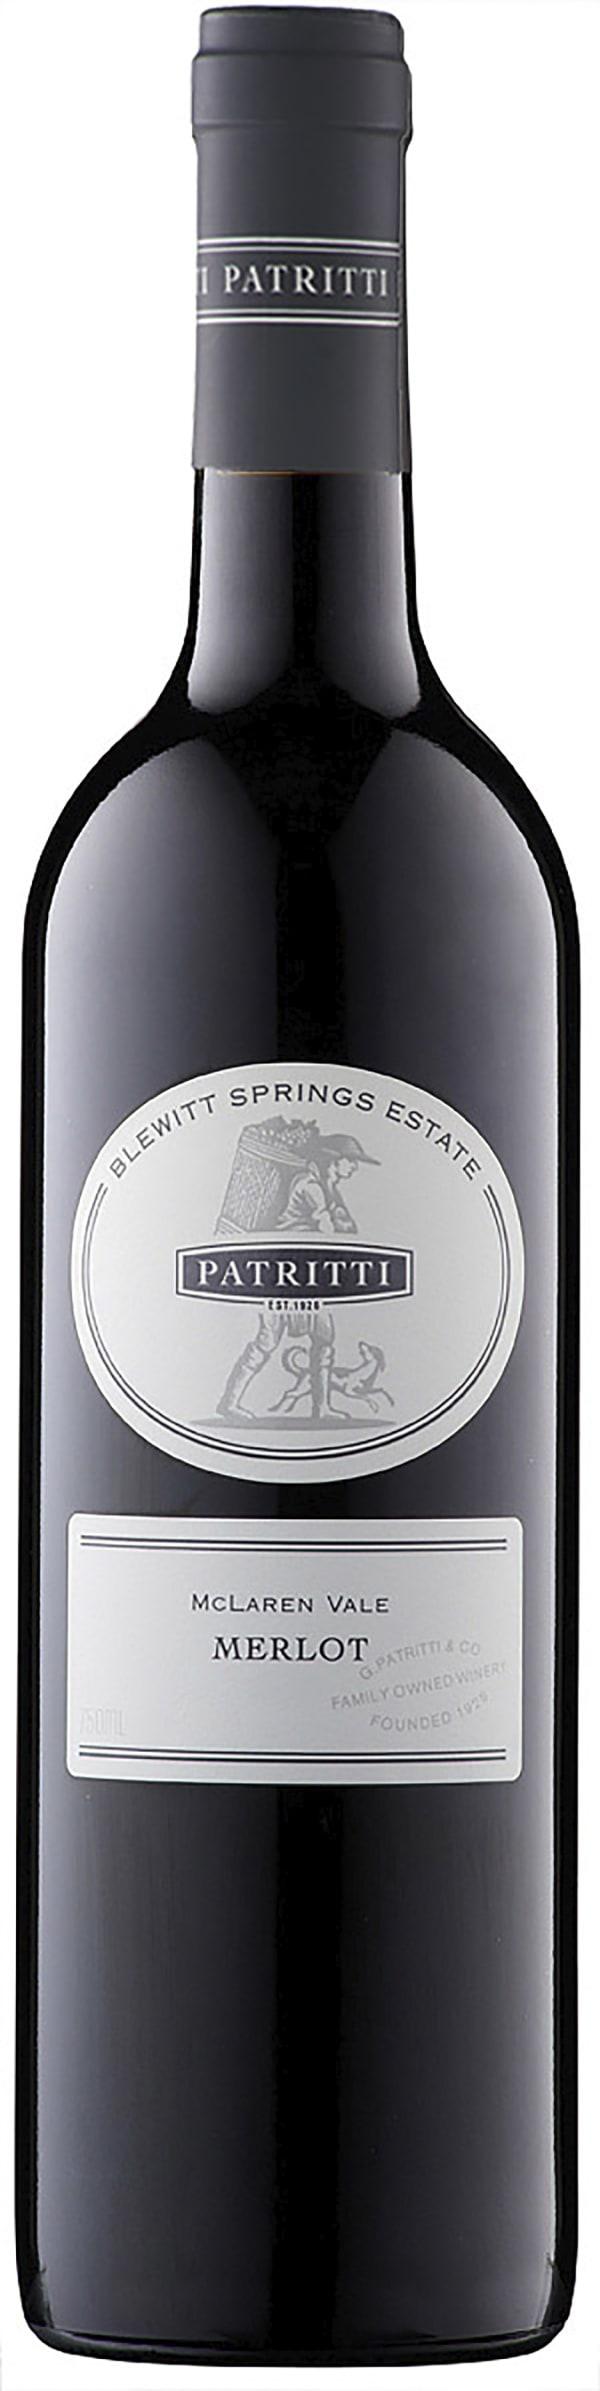 Patritti Merlot 2017